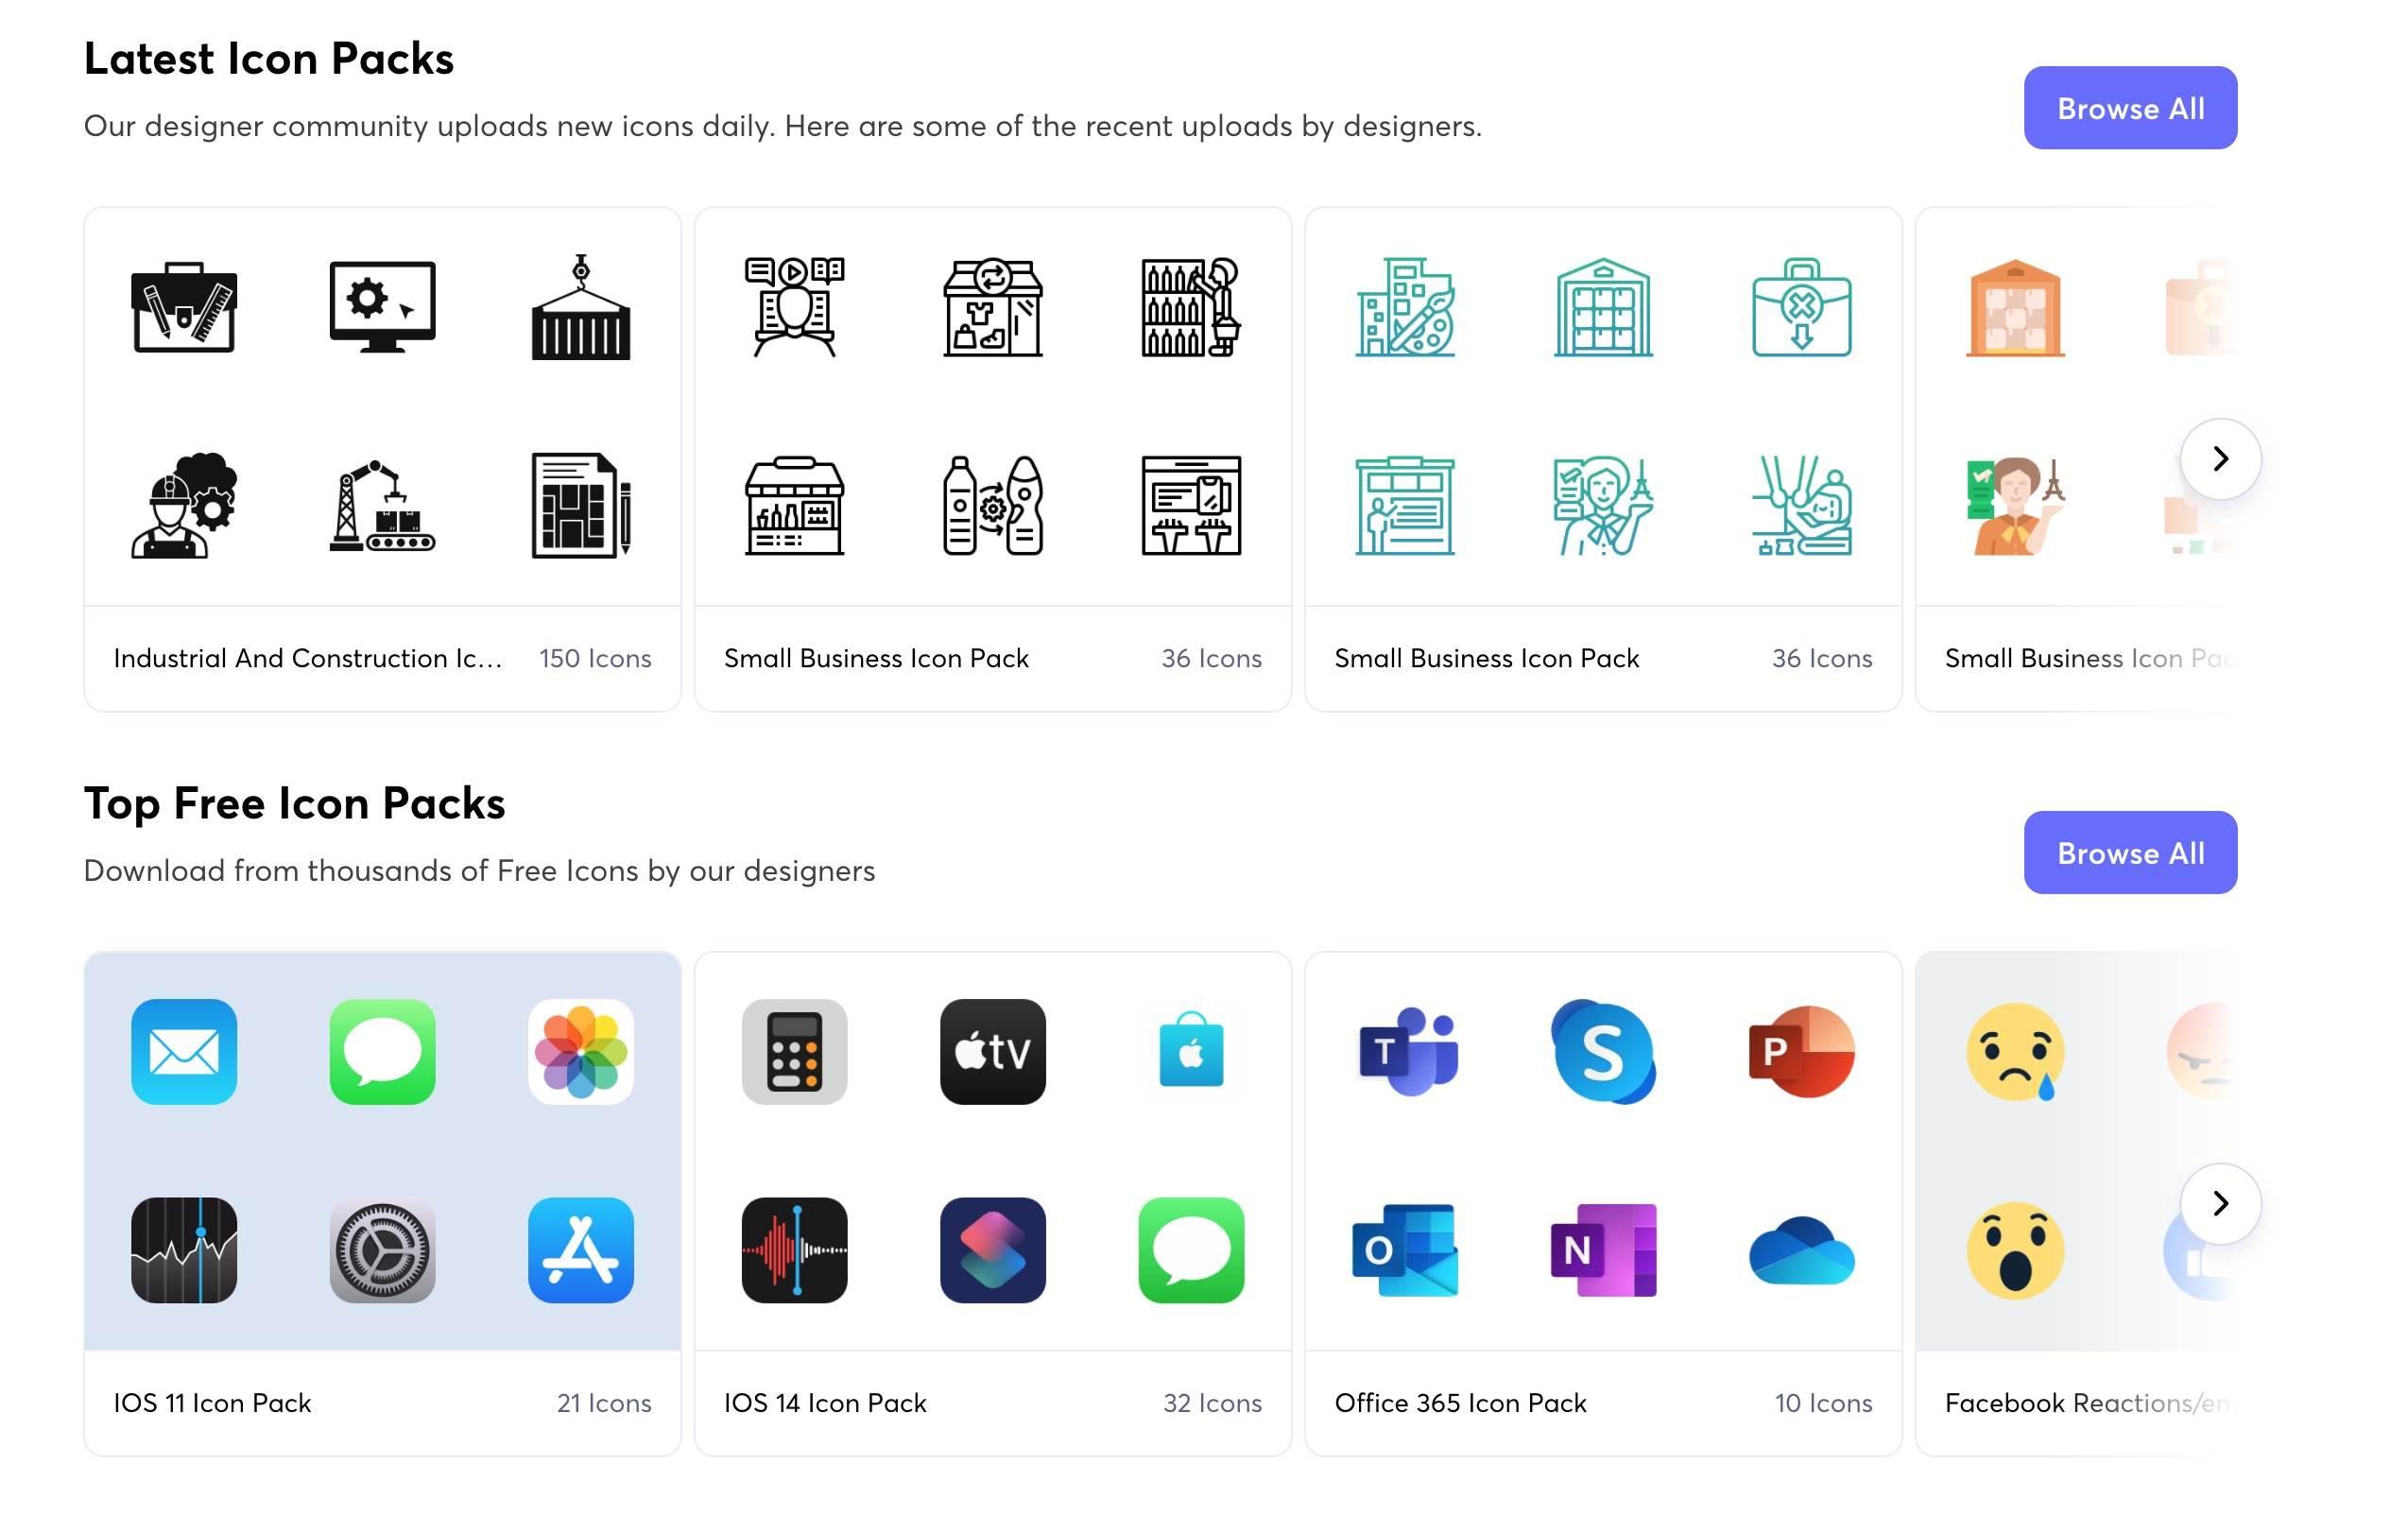 Darmowe paczki ikon dla iPhone i iPad z iOS 14 / iPadOS 14 polecane, ciekawostki Za damo, paczki ikon, iPhone, iPadOS 14, iPad, iOS 14, ikony, darmowe paczki ikon na iPhone, darmowe paczki ikon na iPad, darmowe ikony na. iPad, darmowe ikony na iPhone  System iOS 14 wprowadził kilka nowych funkcji takich jak możliwość zmiany domyślnej przeglądarki i aplikacji pocztowej, czy PiP. Jednak prawdziwym hitem okazały się widżety i możliwość zmiany wyglądu ekranu głównego. 1@2x 59